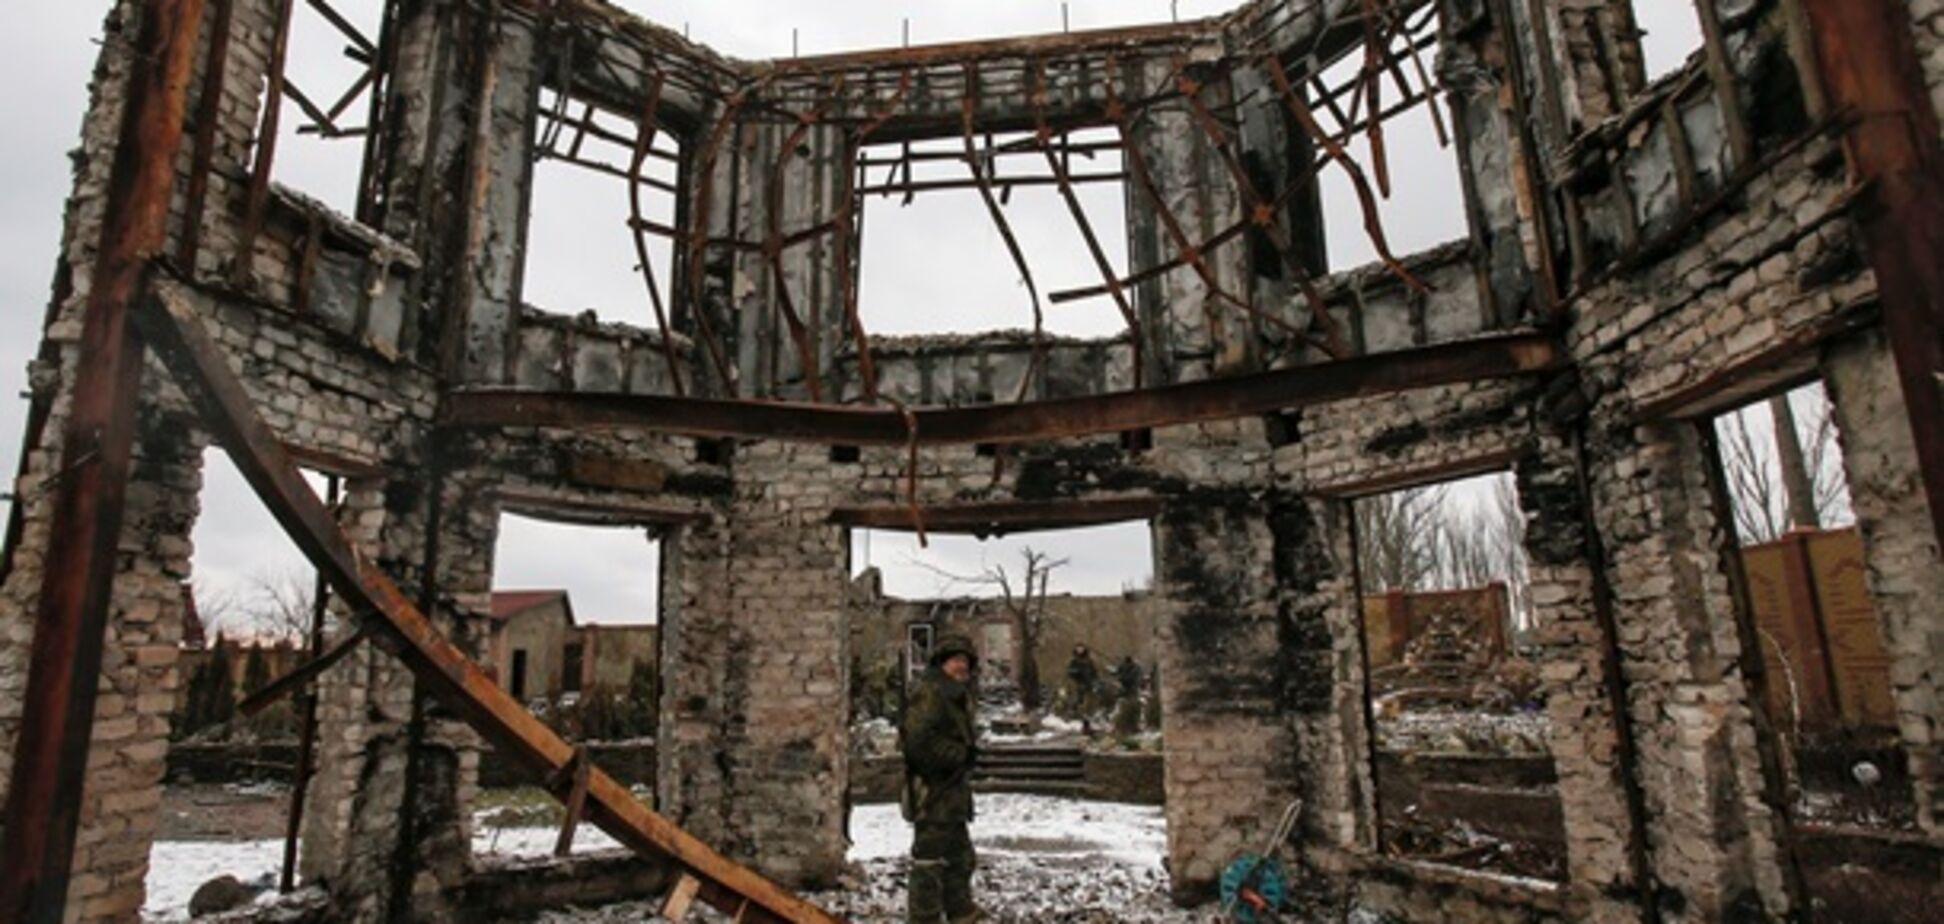 Україна повинна заплатити: мешканці ОРДЛО захотіли інтеграції з Росією. Скандальне опитування